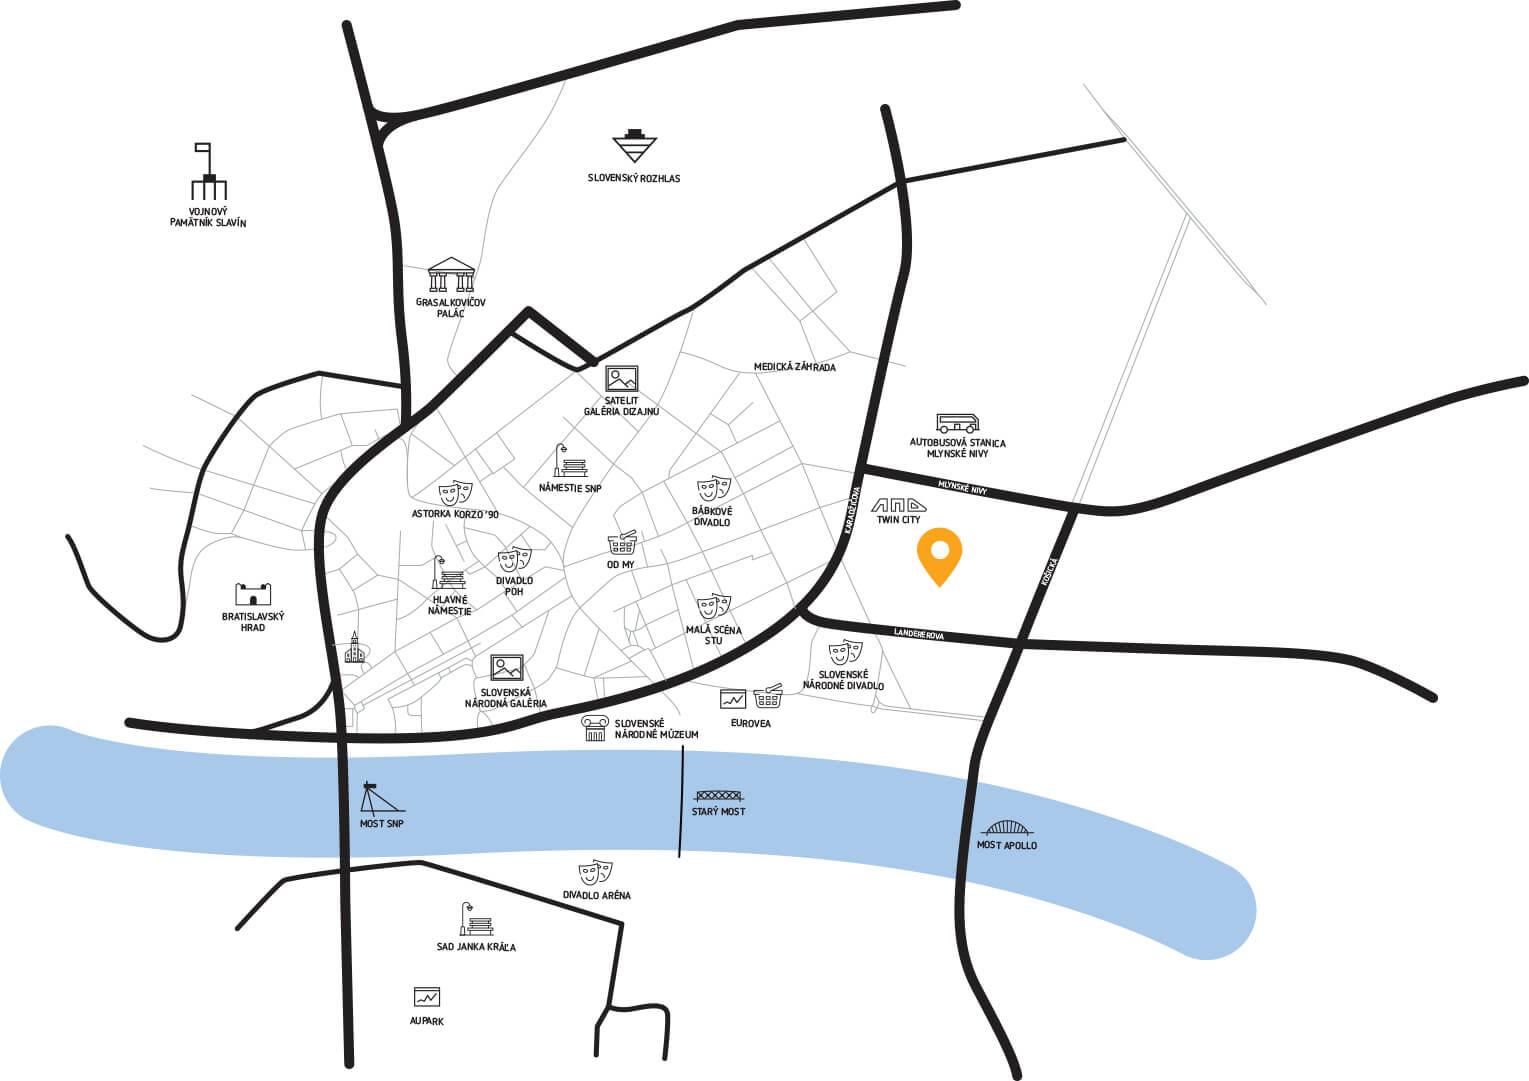 Predané: 2 izbový byt v Sky parku, III Veža,  17 poschodie, úžitková 50,51m2, Loggia 4,99m2,parkovacie miesto-2